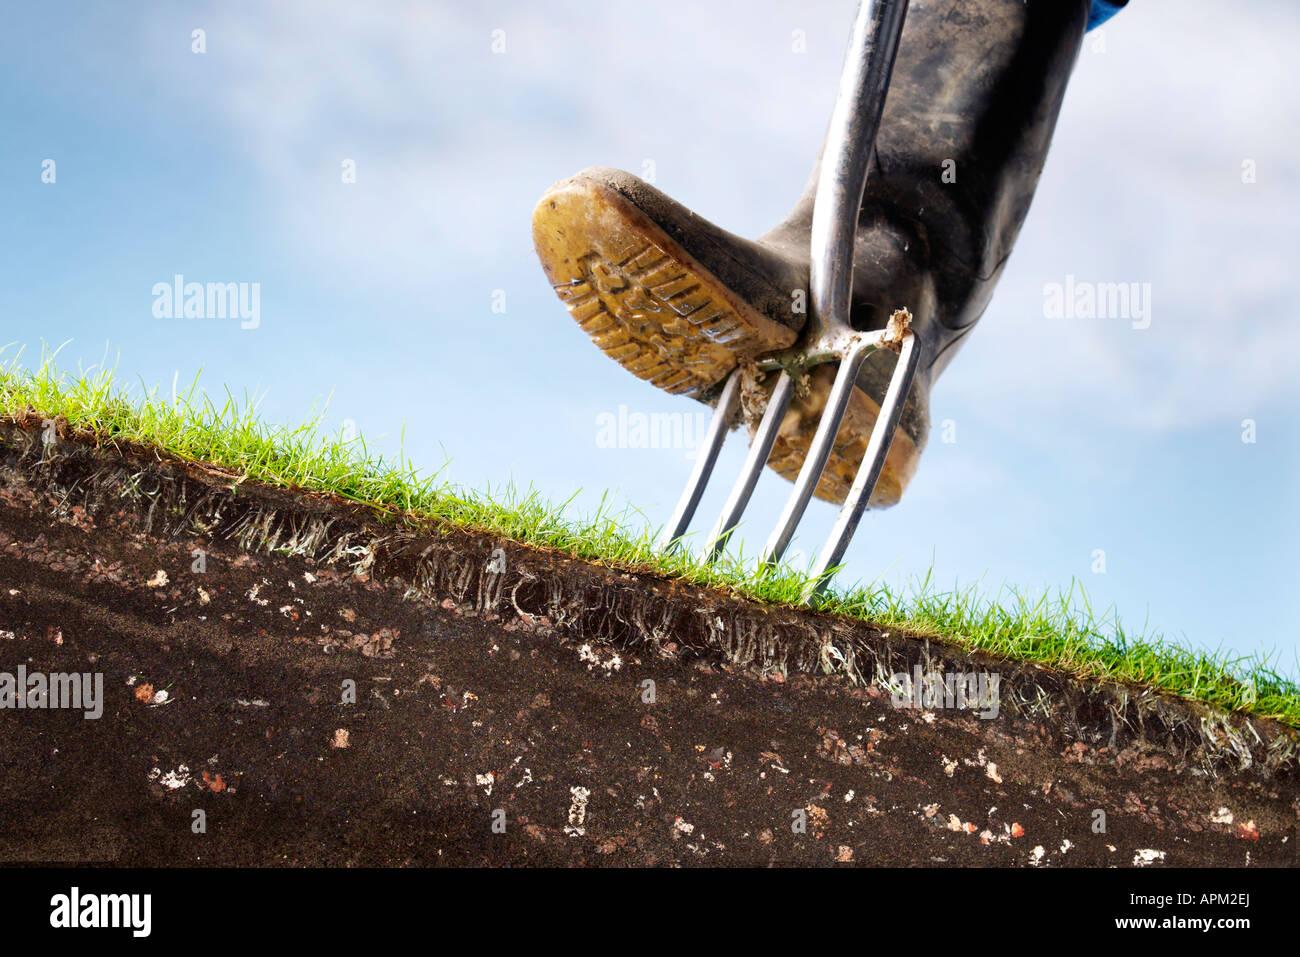 gardener - Stock Image